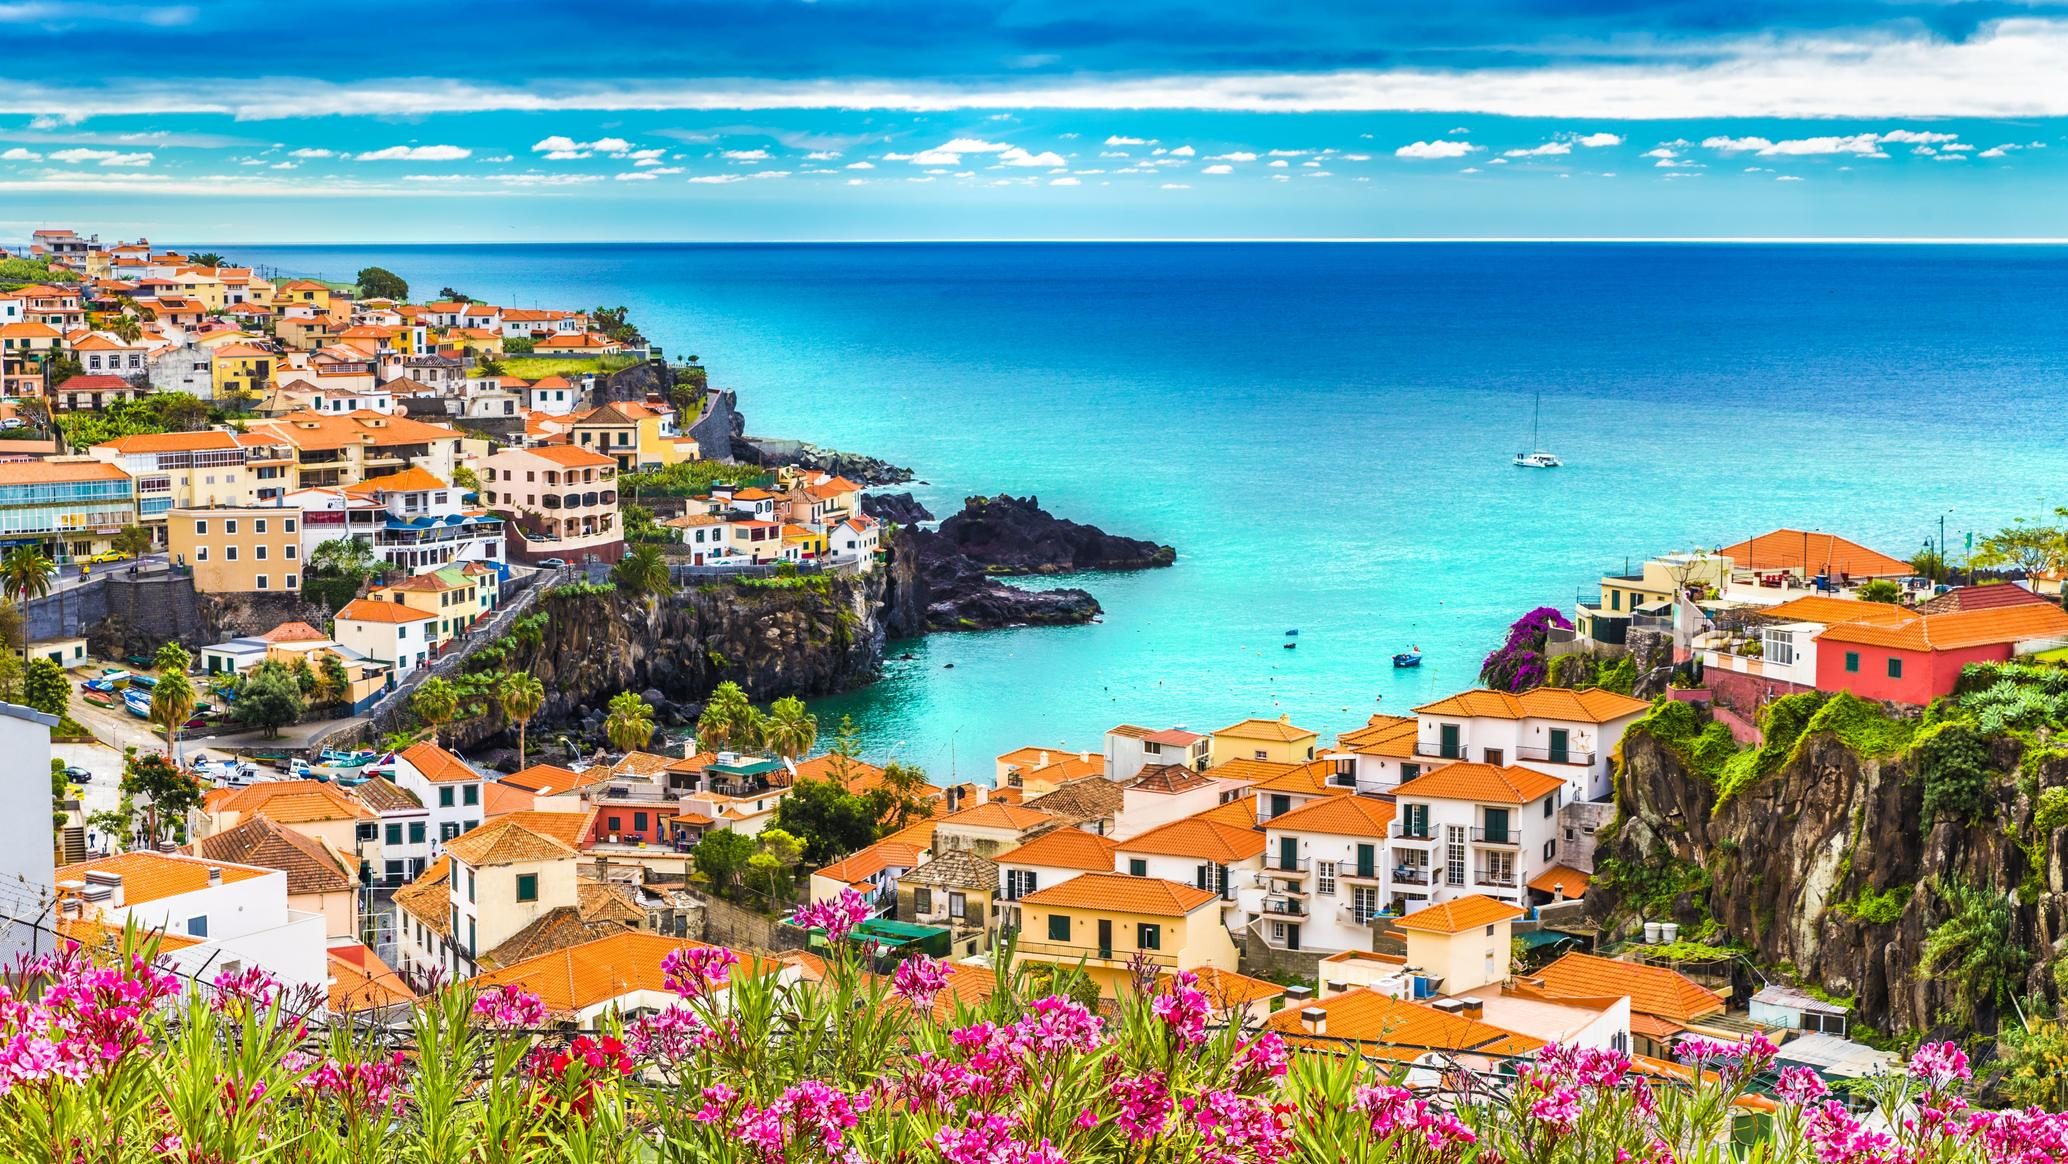 Мадейра, Португалия - туристический гид Planet of Hotels